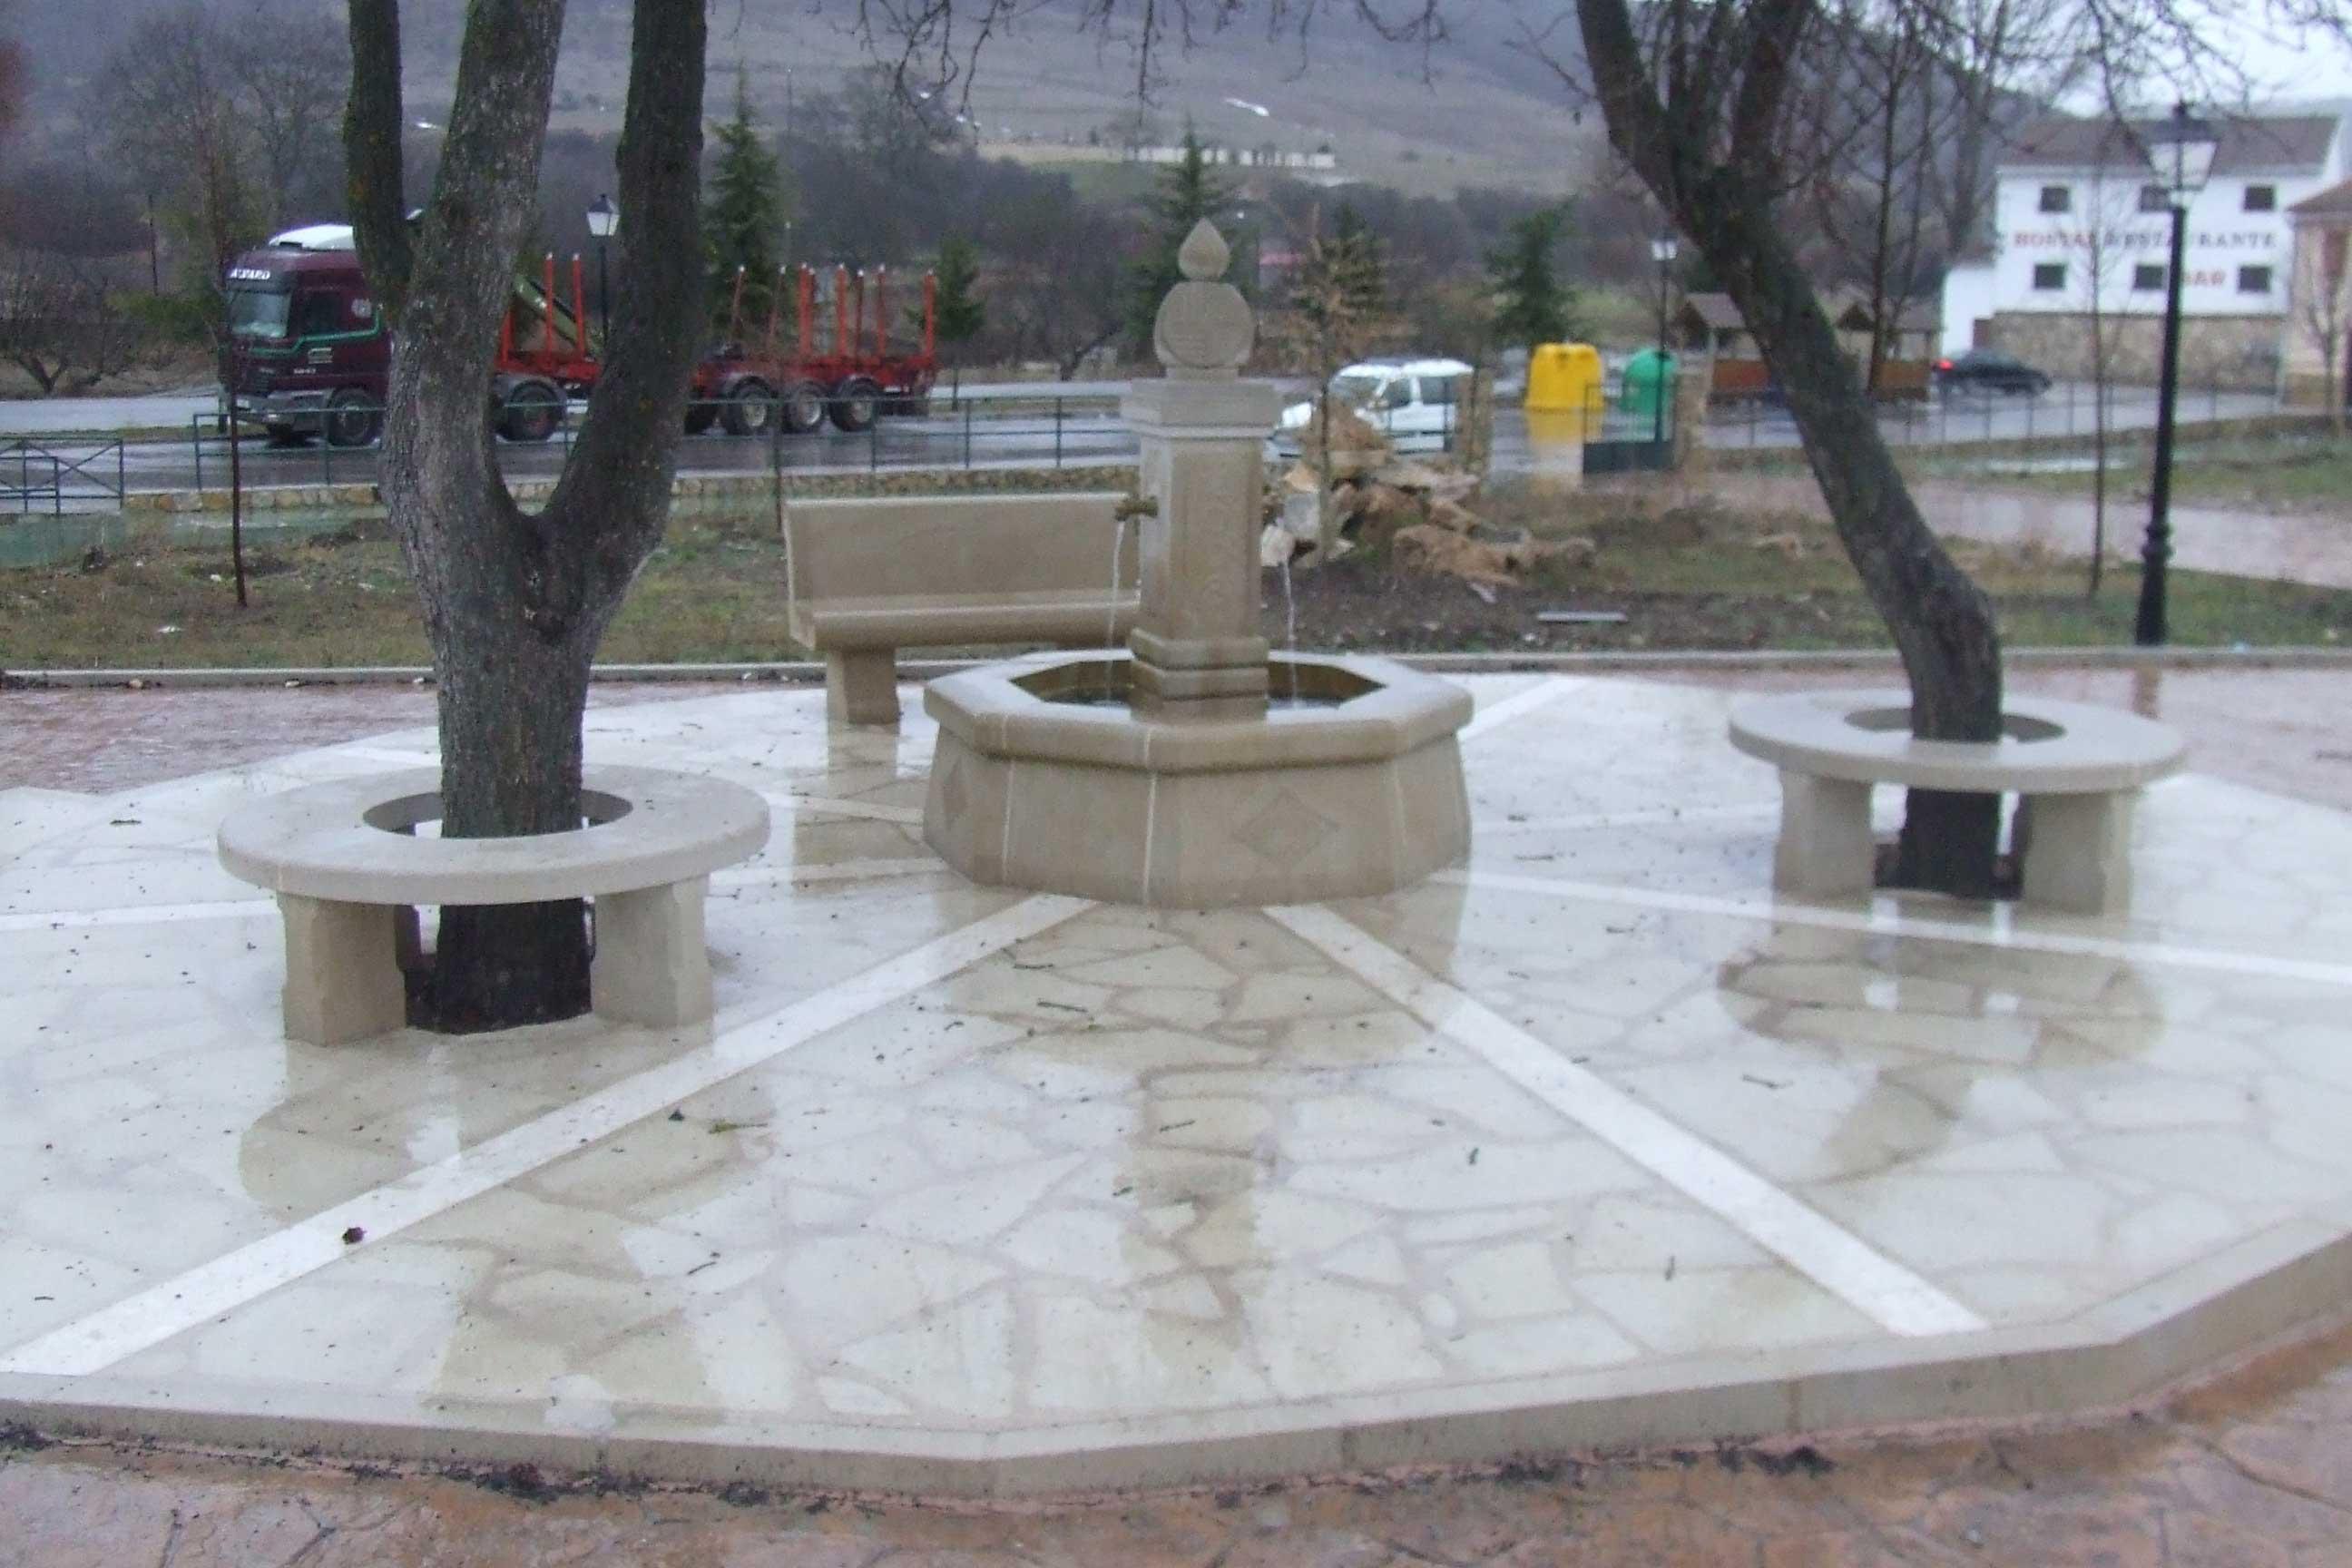 Plaza con fuente y bancos de piedra